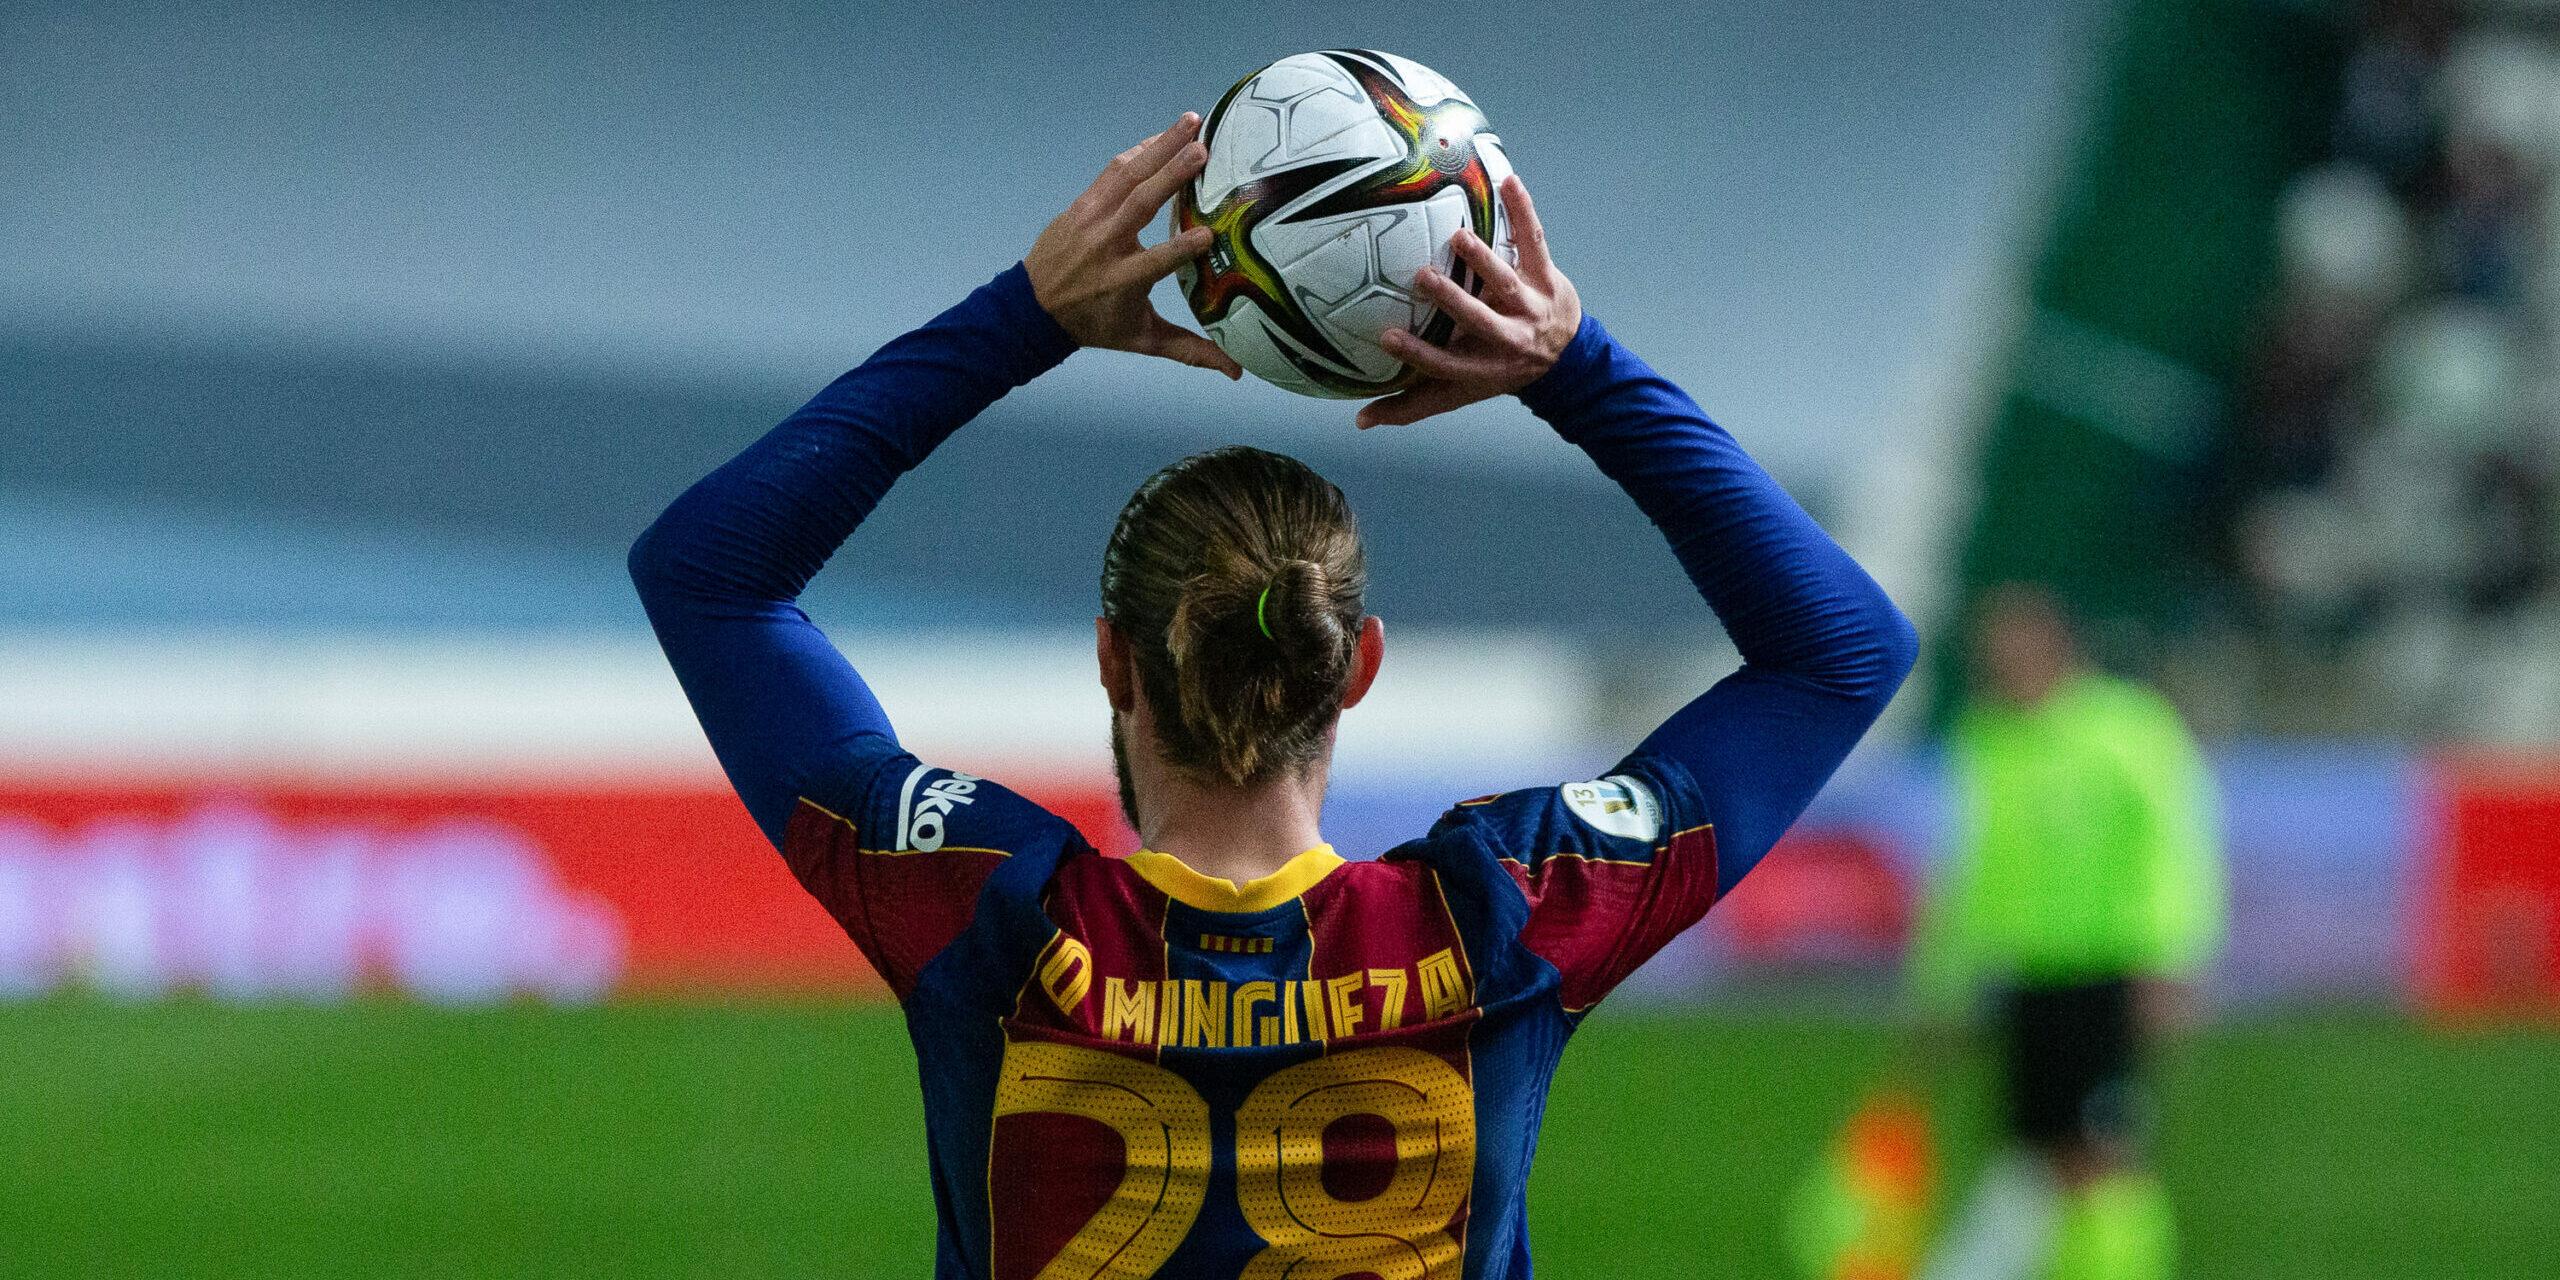 Mingueza, durant un partit de la Supercopa d'Espanya |Europa Press